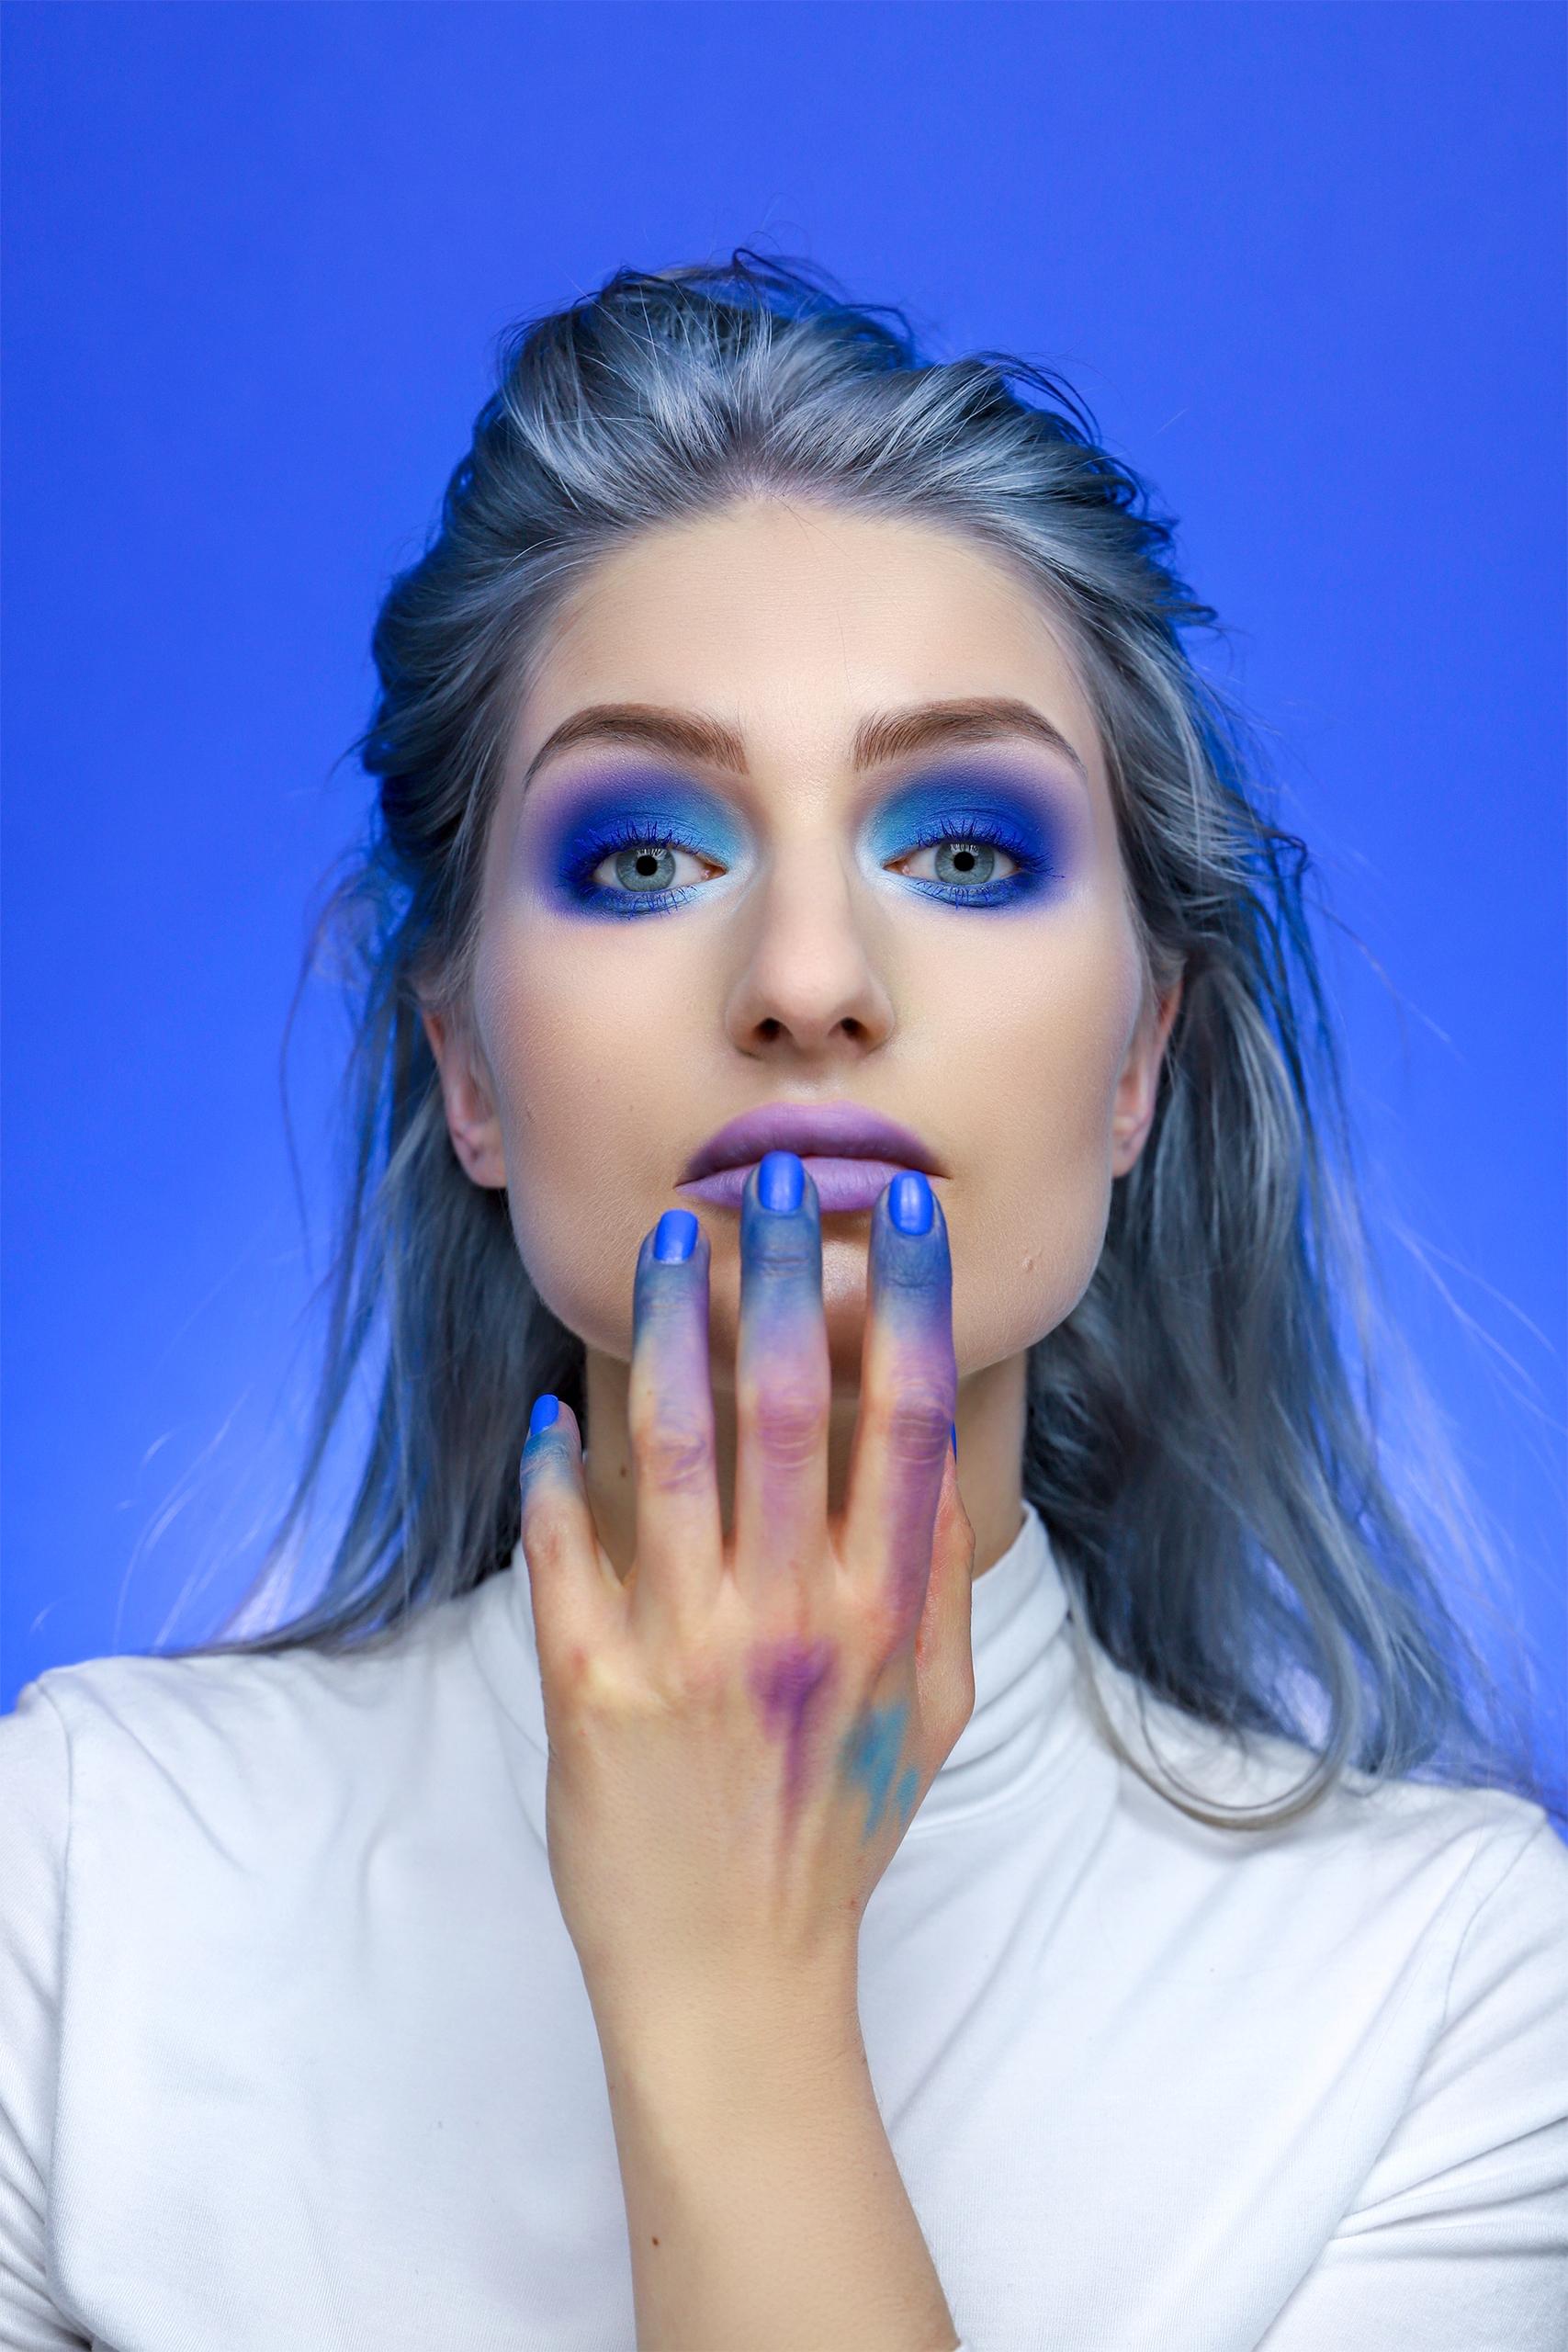 Make-up inspirowany obrazem. 'M64' by Wojciech Fangor. Remake